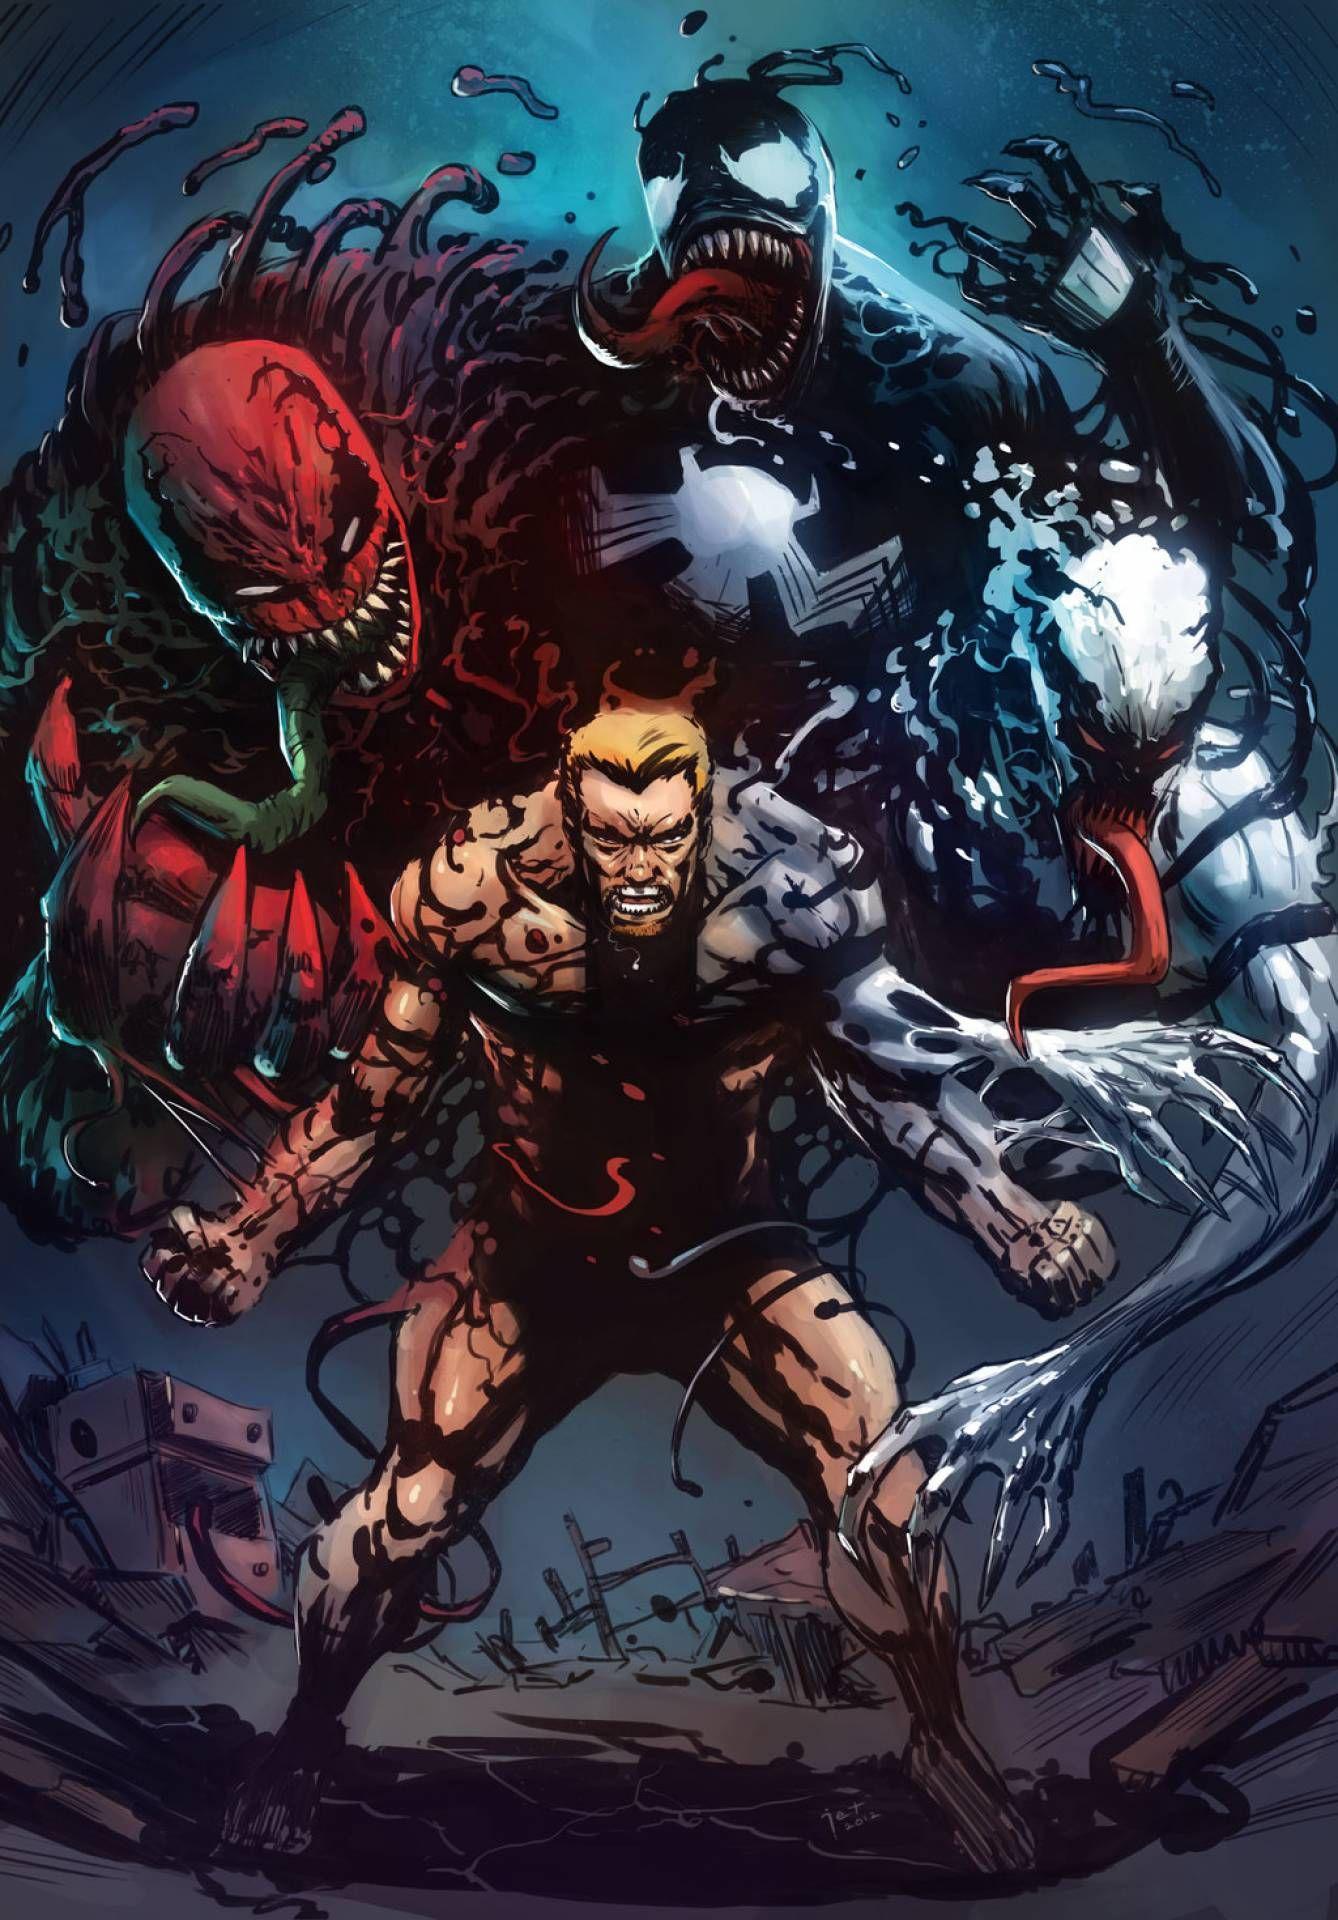 Batman And Superman Colouring Pages Marvel Comics Art Comics Marvel Villains